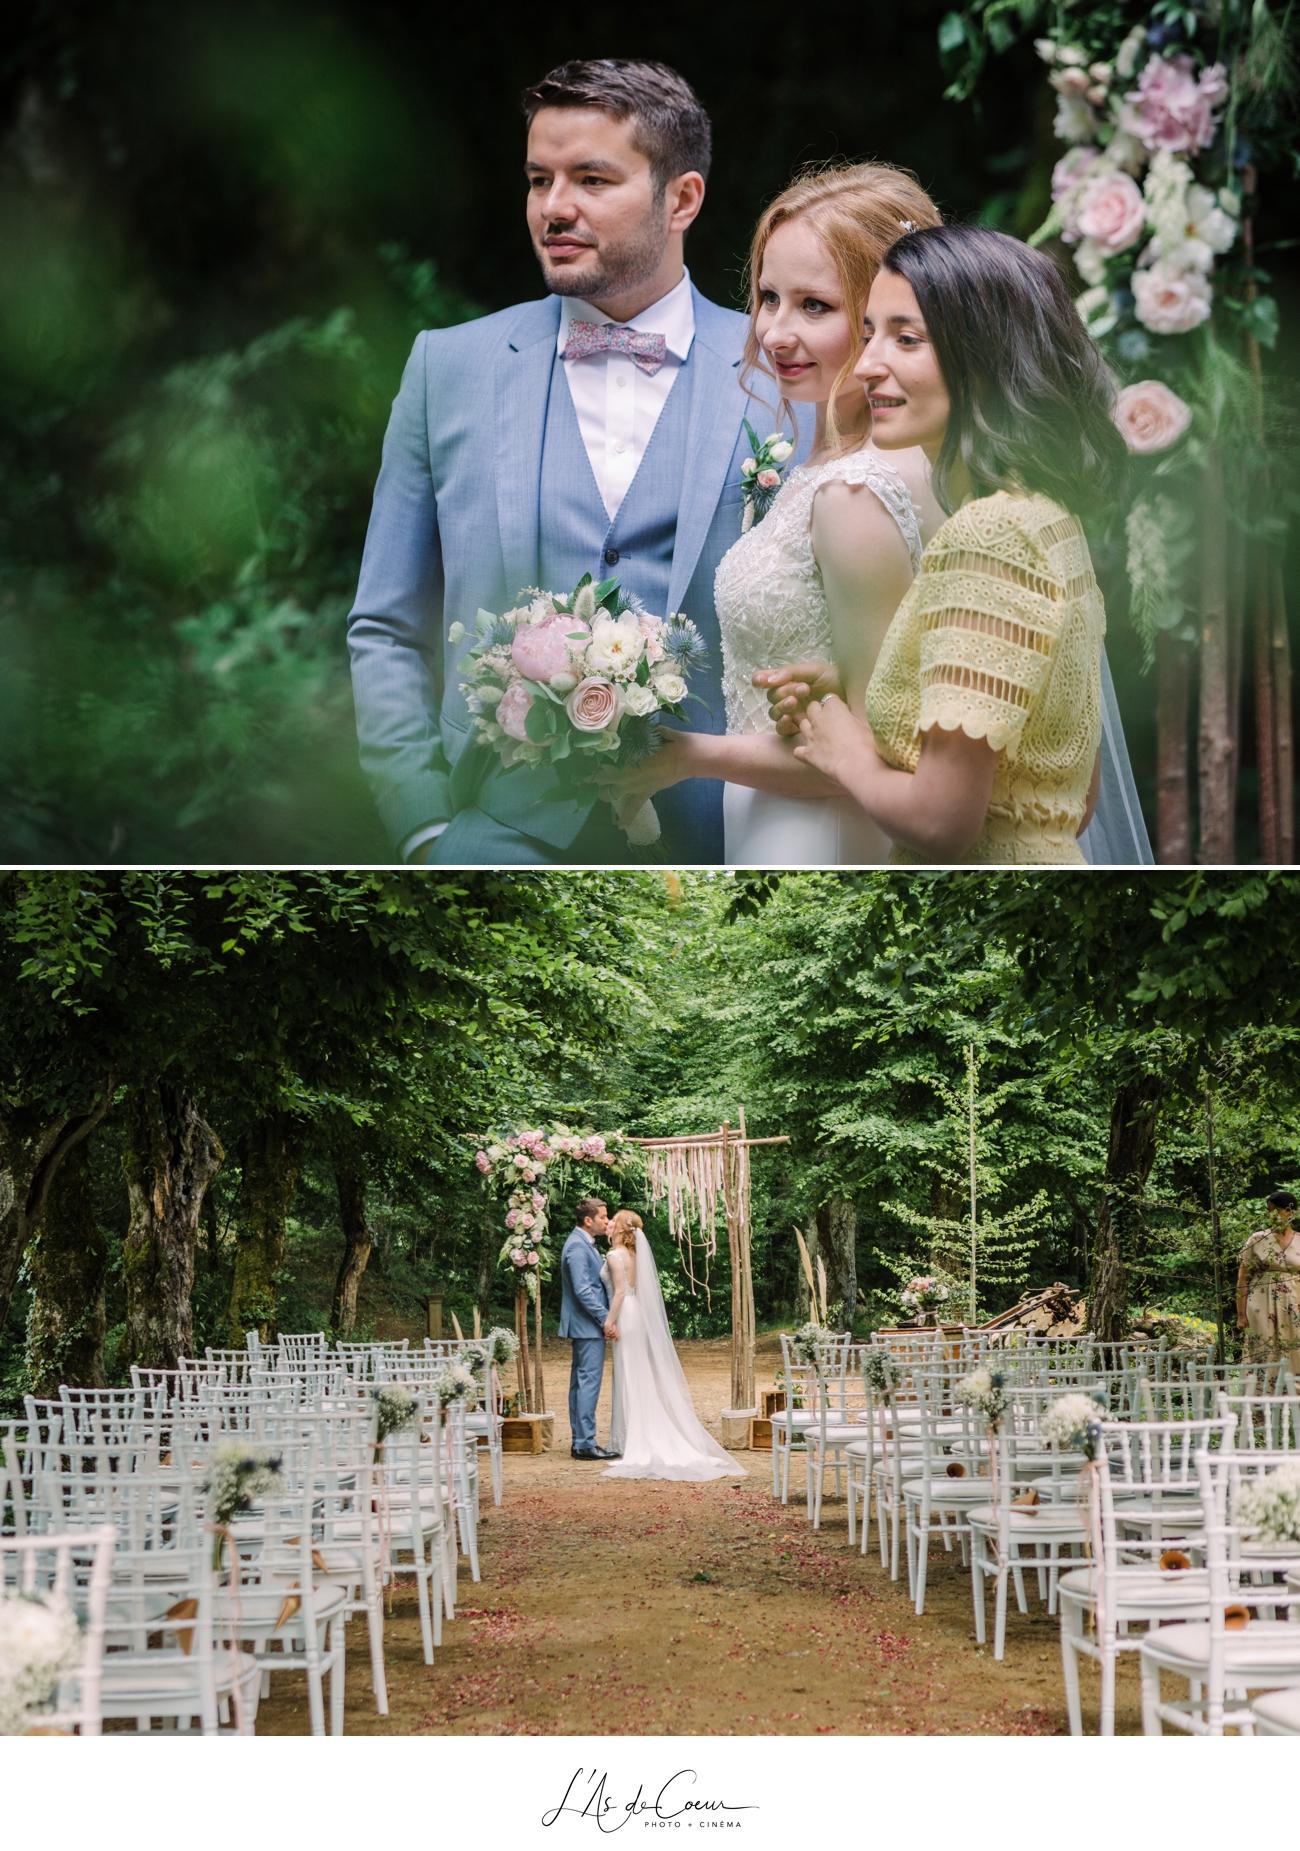 Photographe mariage bohème Lyon